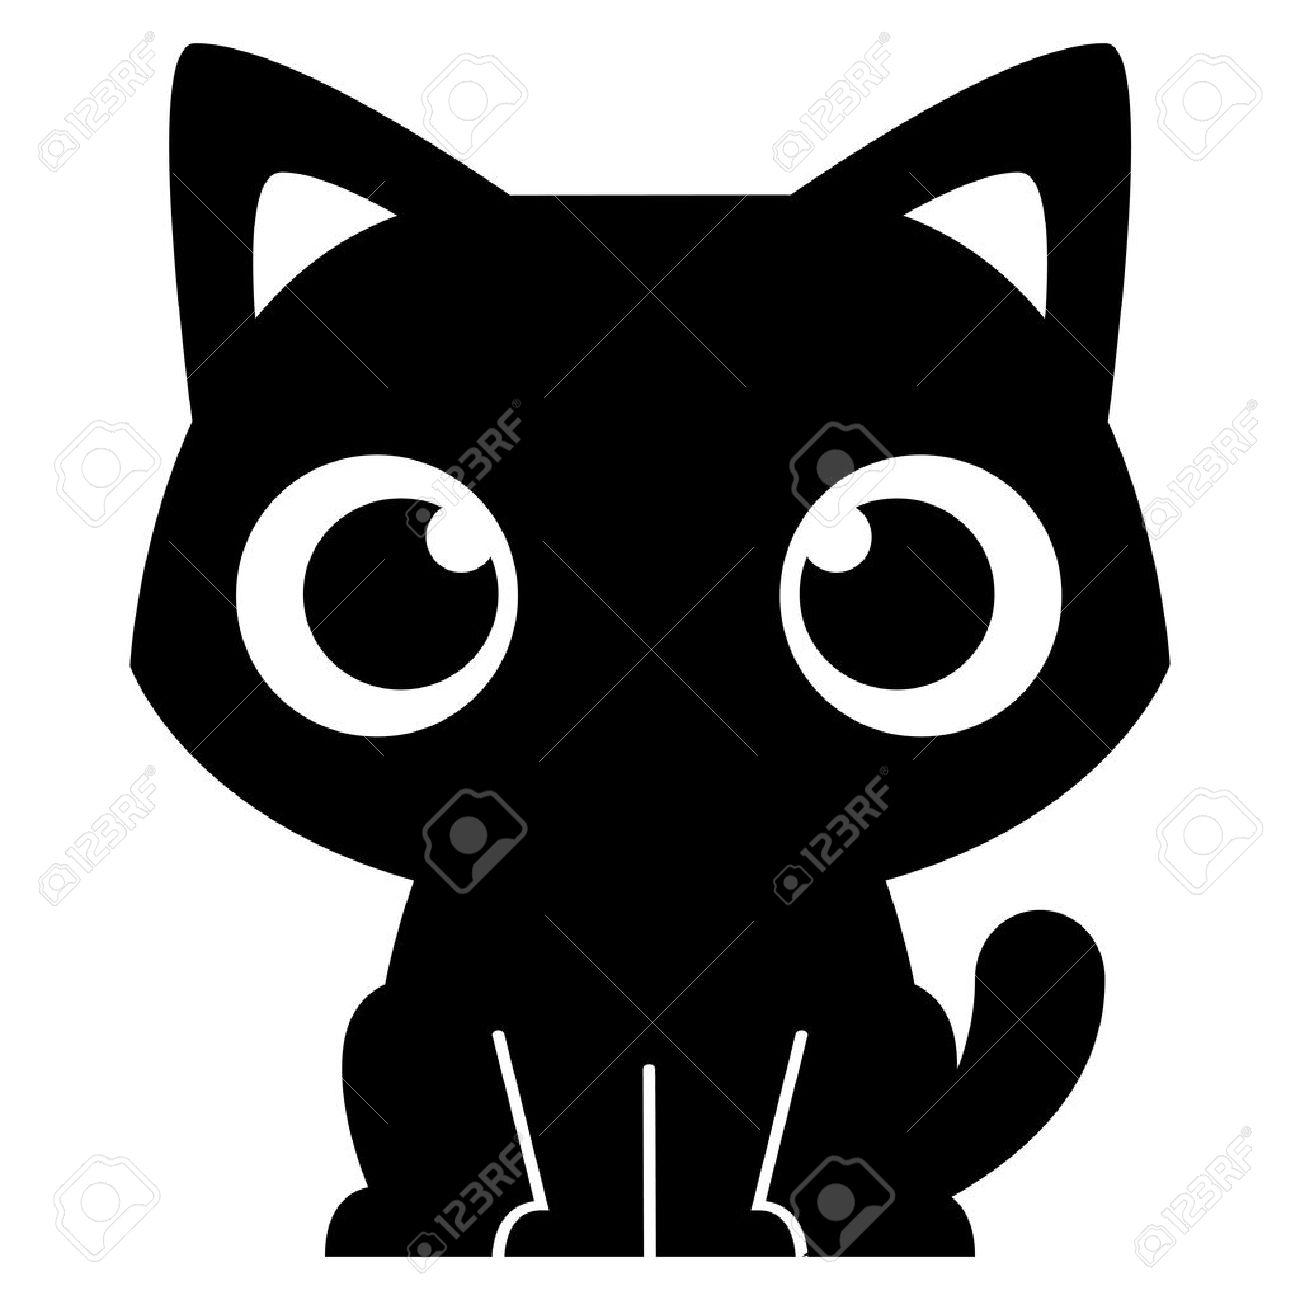 Vector de dibujos animados adorable pequeño gato Ilustración Aislado Foto de archivo - 30330235